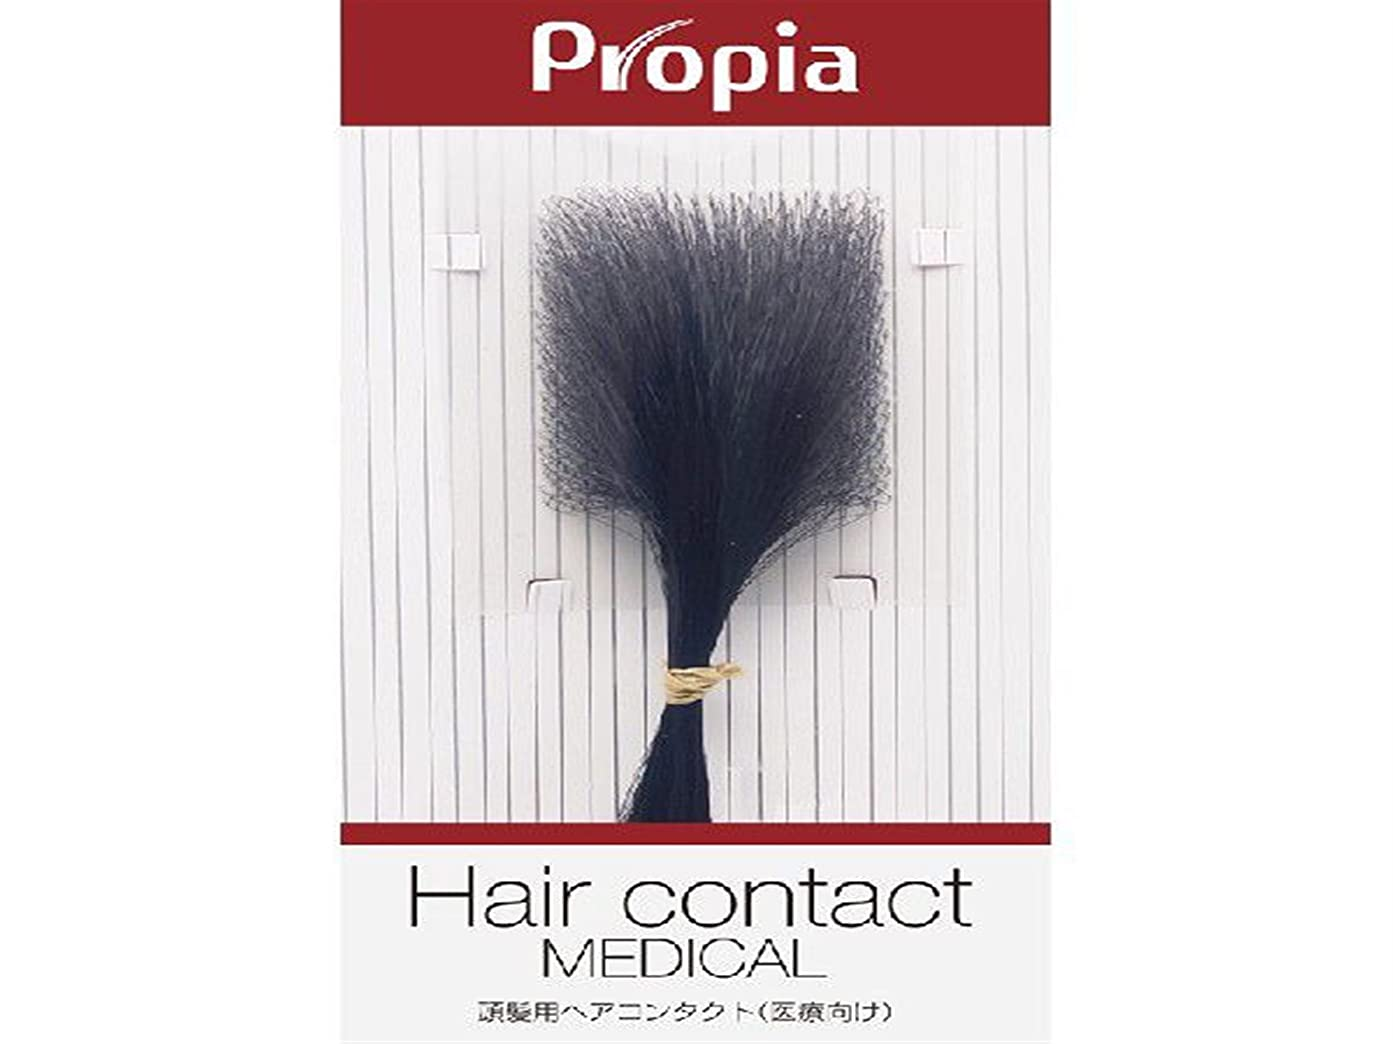 守る価値ペデスタルプロピア 頭髪用ヘアコンタクト メディカル【医療向け】ブラック